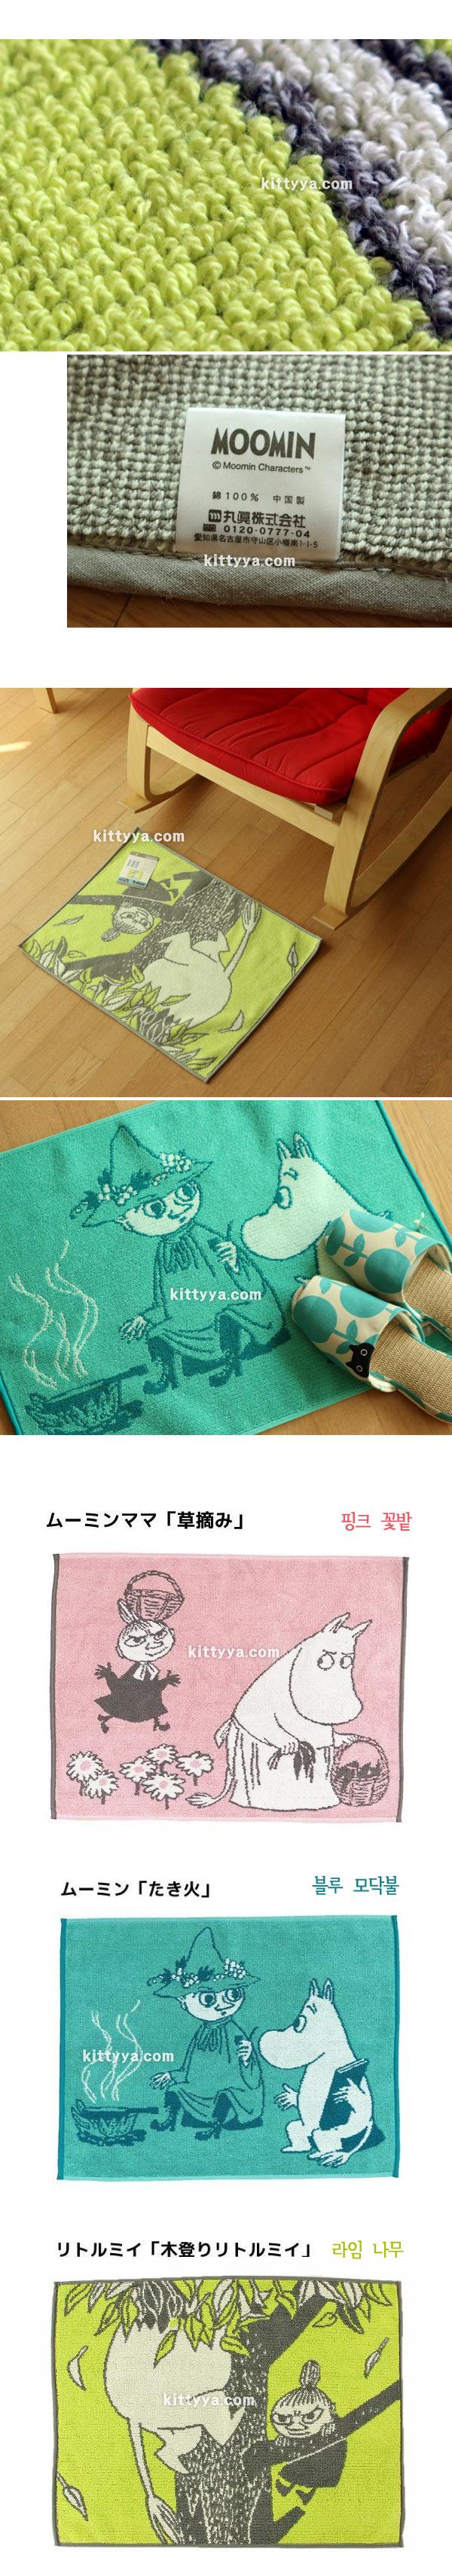 무민 타올지 발매트 (3color) - 키티야, 28,340원, 디자인 발매트, 디자인